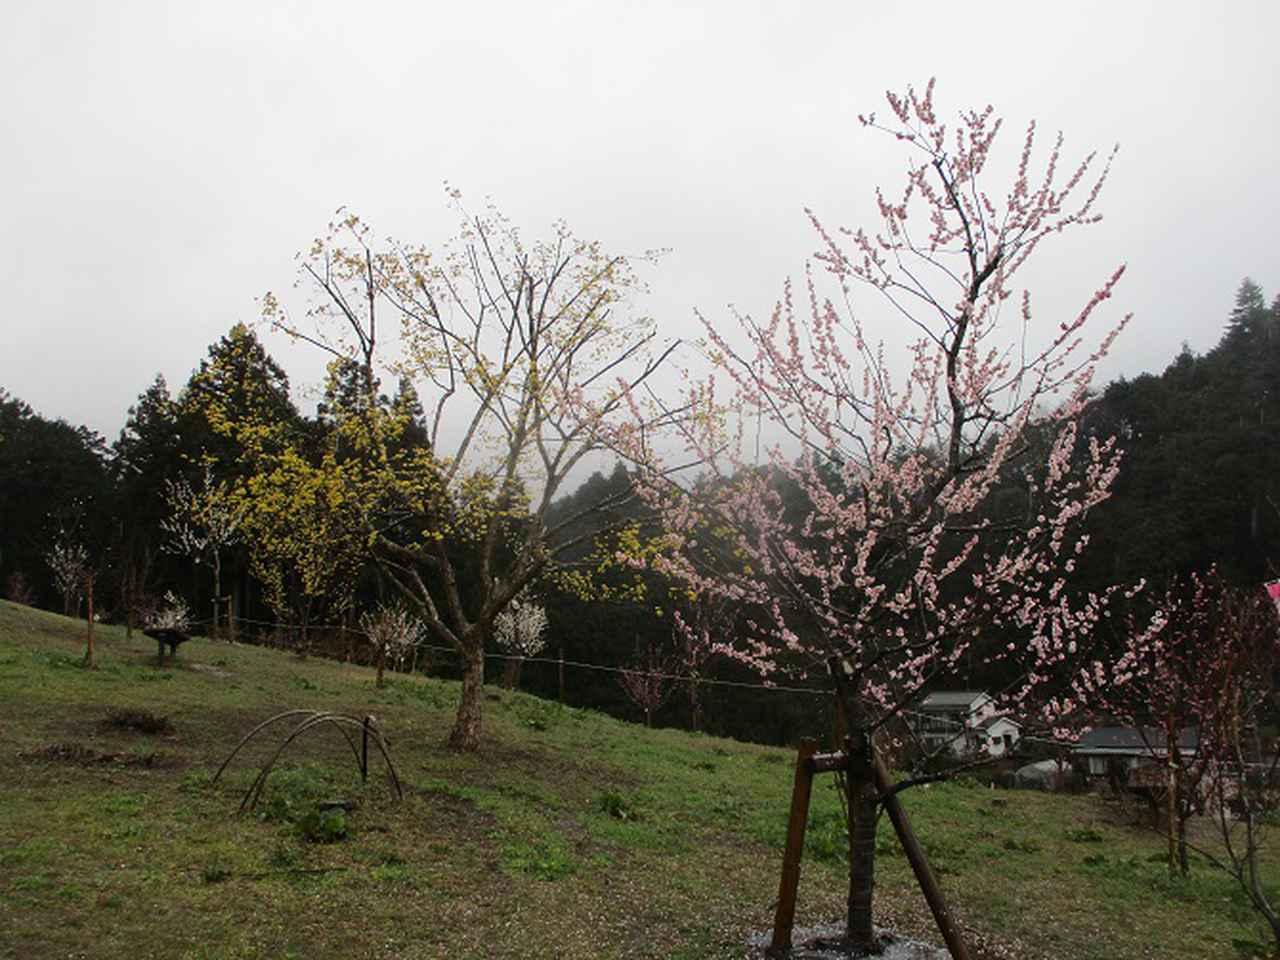 画像13: 4月の山旅会現地集合コース 天狗岩から要害山 の下見に行ってきました!